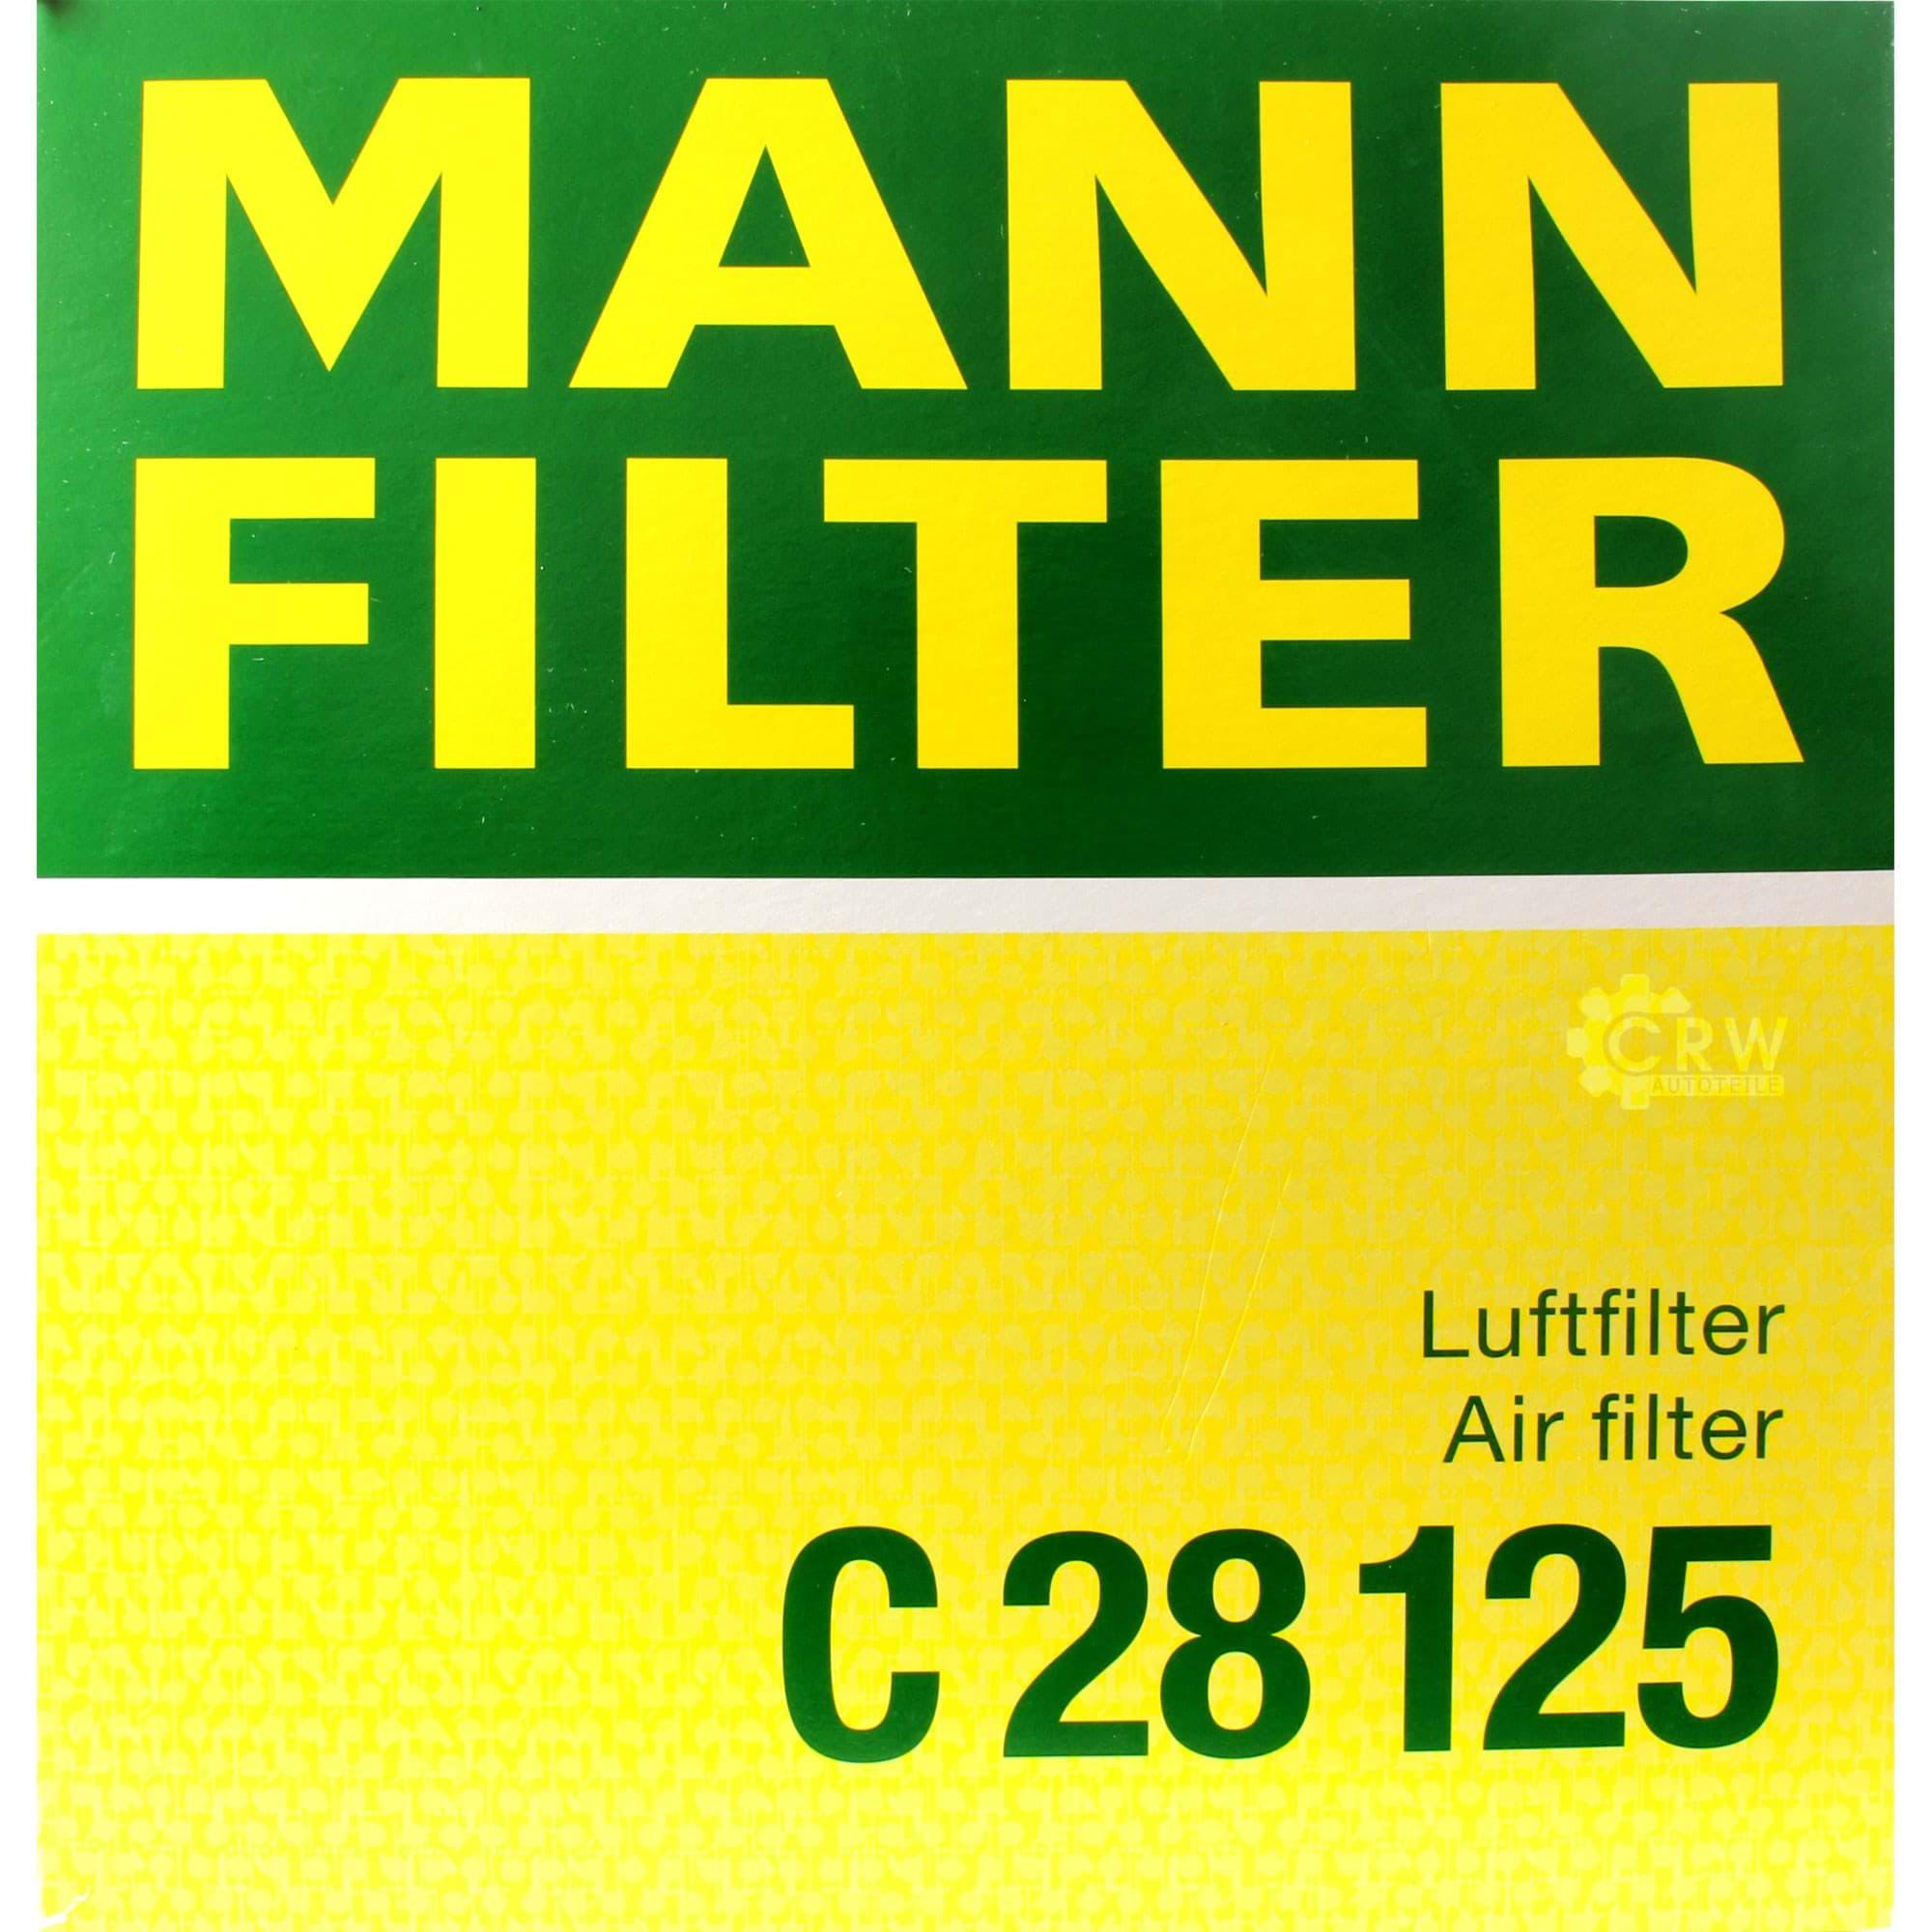 Luftfilter Filter NEU MANN-FILTER C 28 040